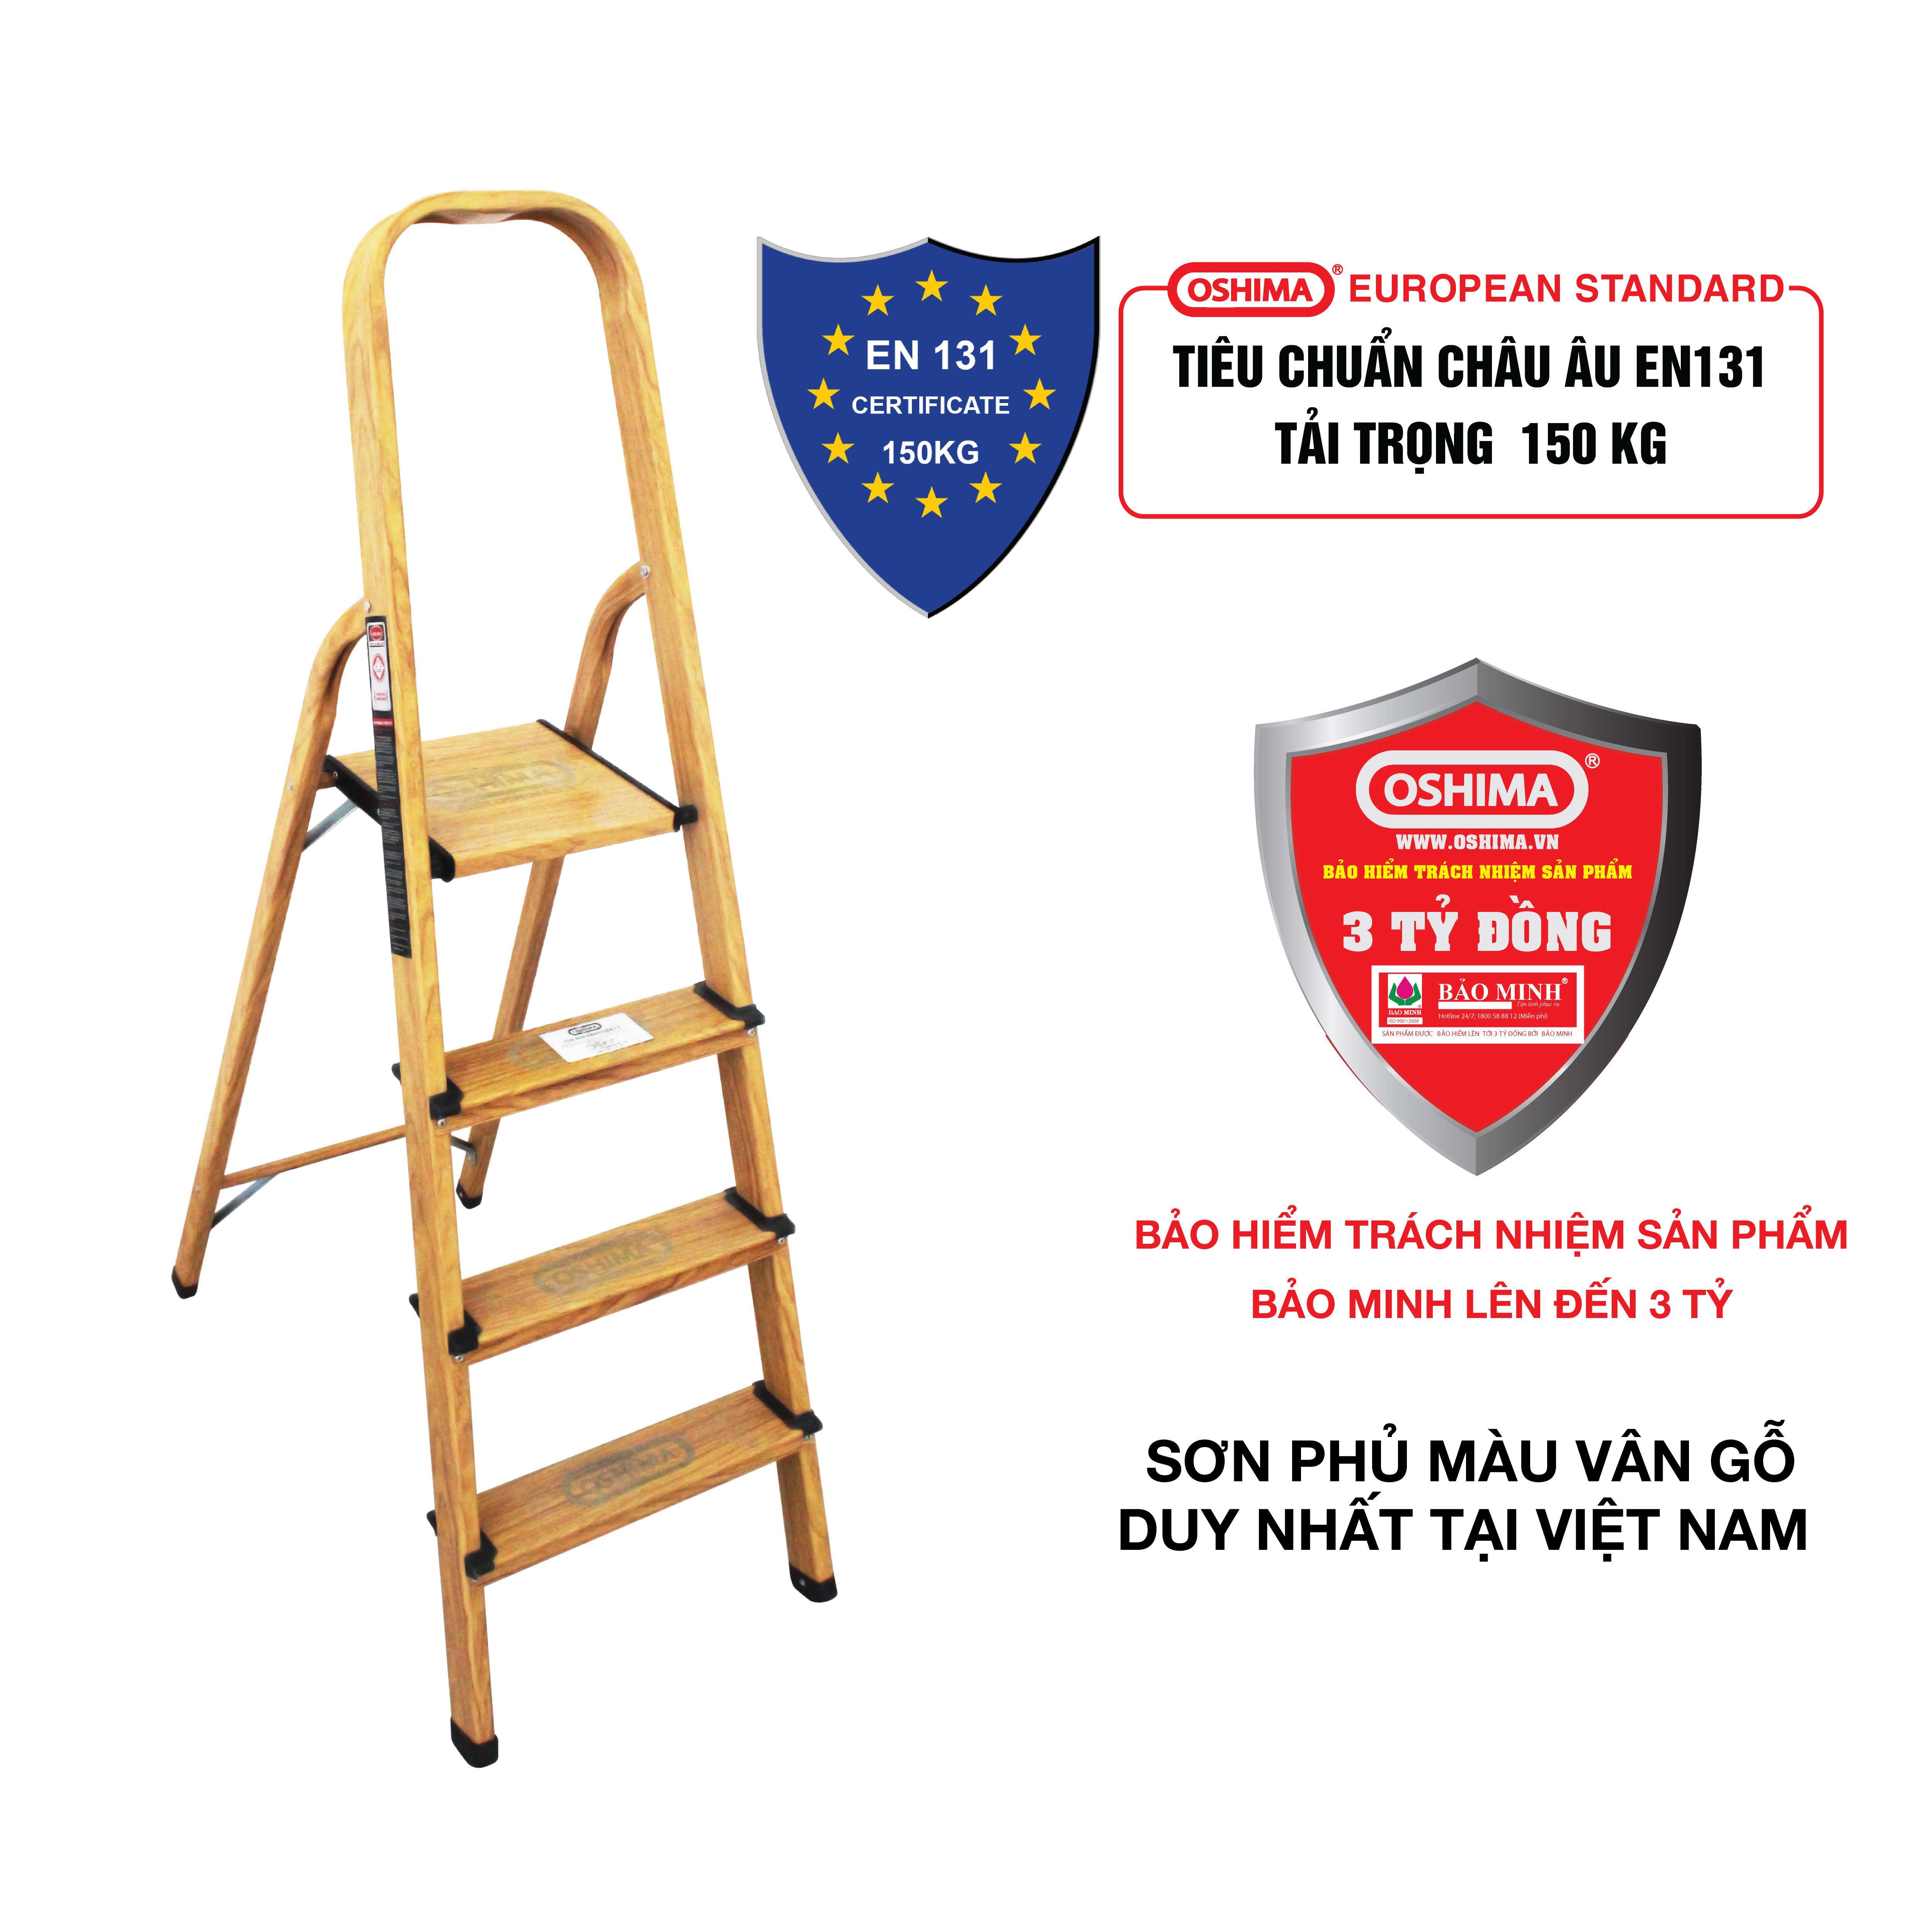 Thang nhôm ghế 4 bậc Oshima TG4 – Thang nhôm gia đình - Bảo hiểm trách nhiệm chất lượng sản phẩm Bảo minh lên đến 3 tỷ đồng - Bảo hành 12 tháng